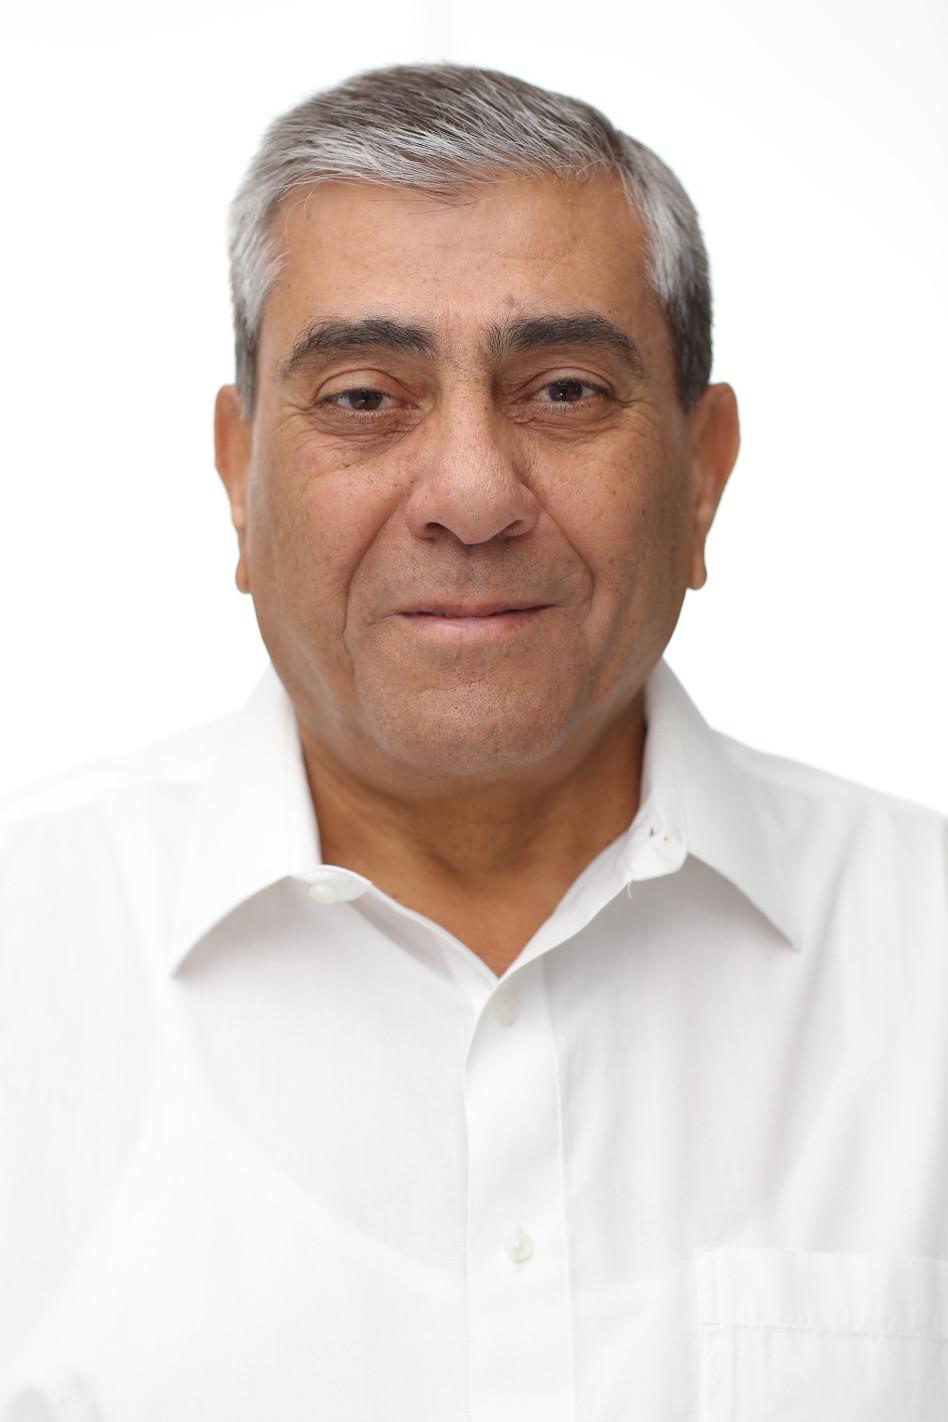 יגאל דמרי  (צילום: משה עמר)